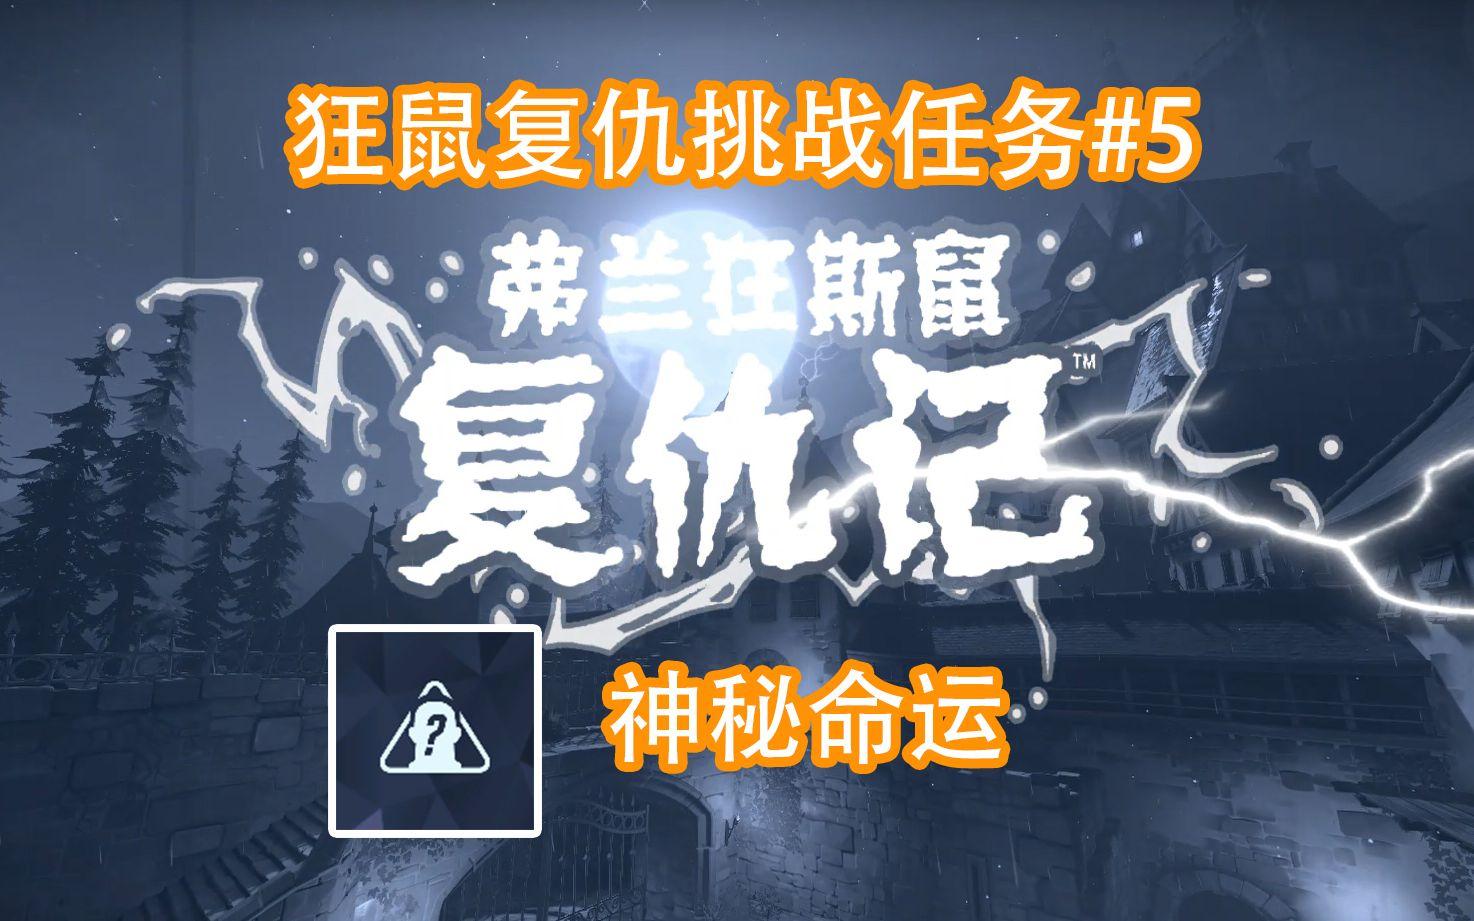 【守望先锋】【攻略向】狂鼠复仇挑战任务#5-神秘命运EP.20